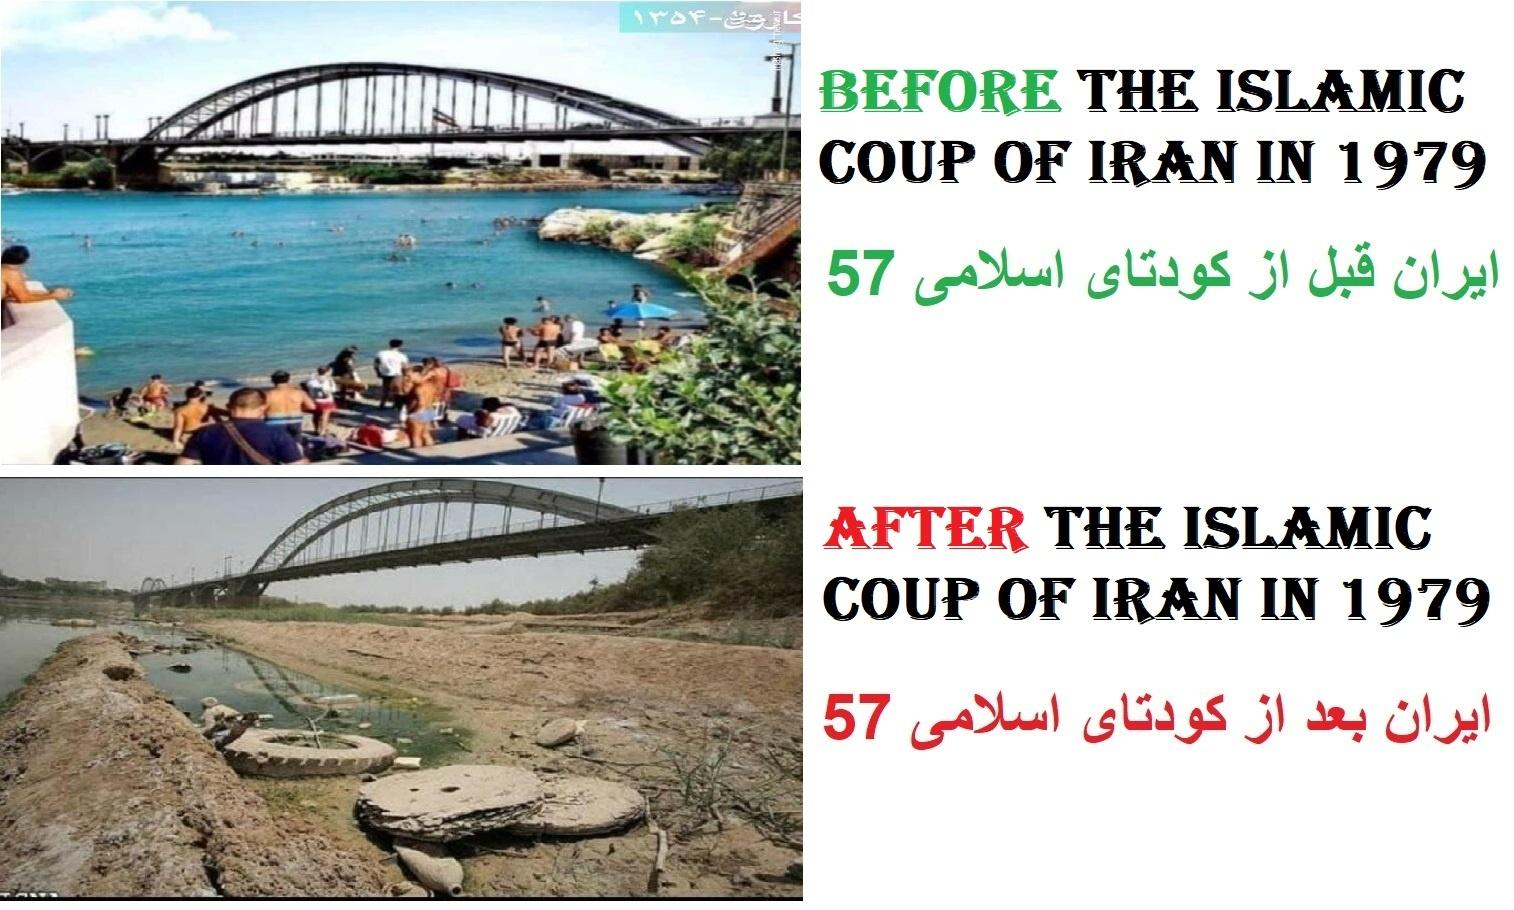 تصاویر دهشتناک از ویرانی های جمهوری اسلامی در مقایسه با قبل از کوتای 1357